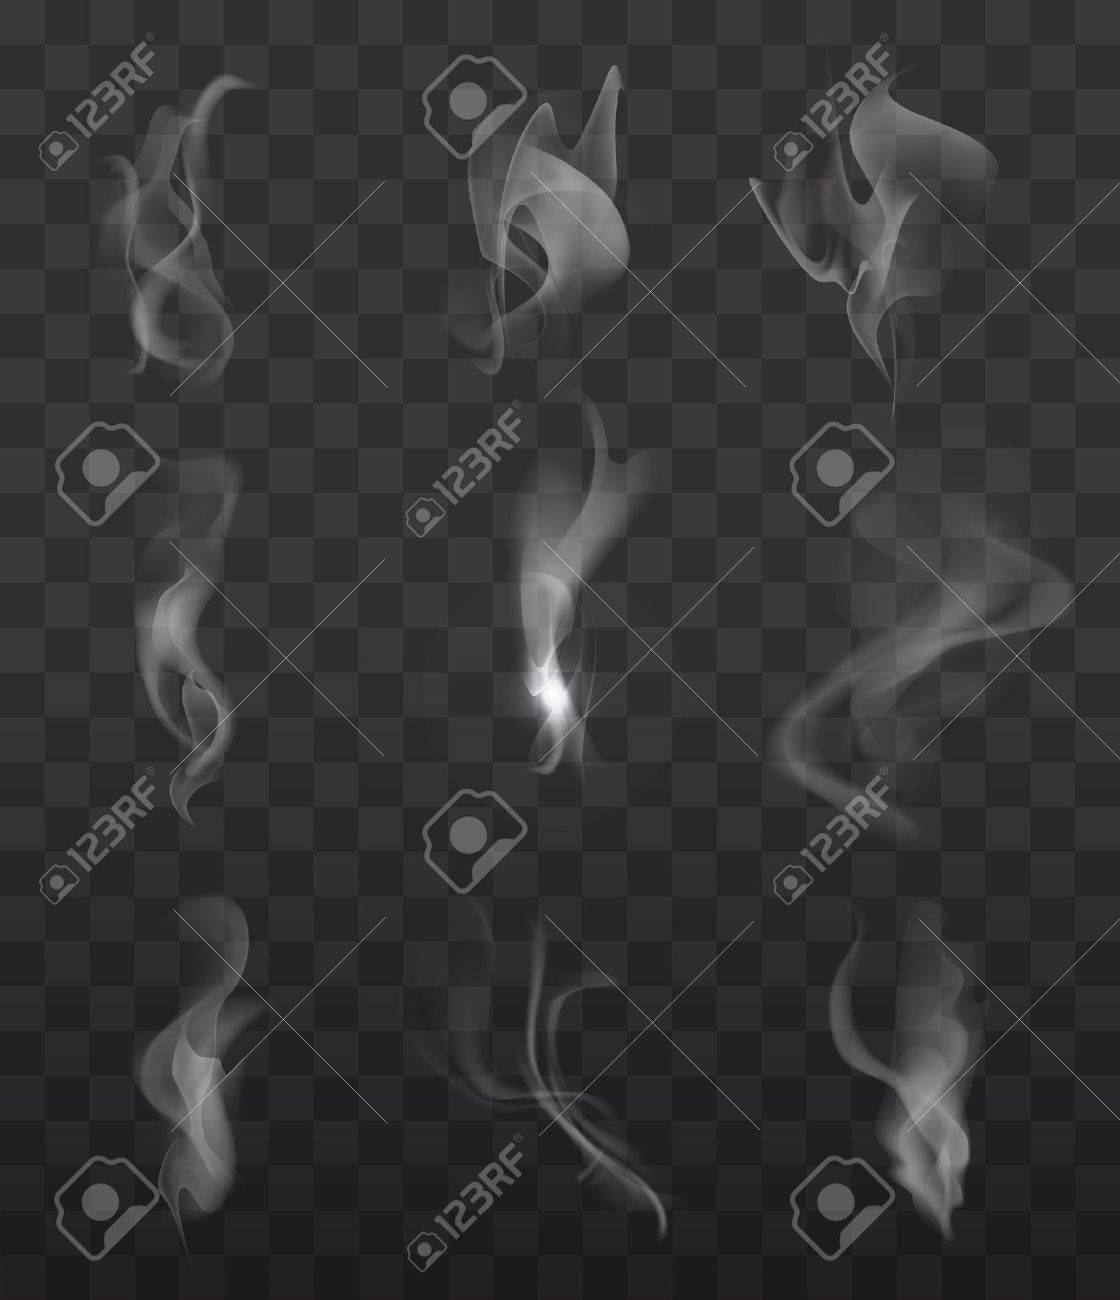 signes de fumée mis sur fond transparent pour le web et appareil mobile Banque d'images - 47035407